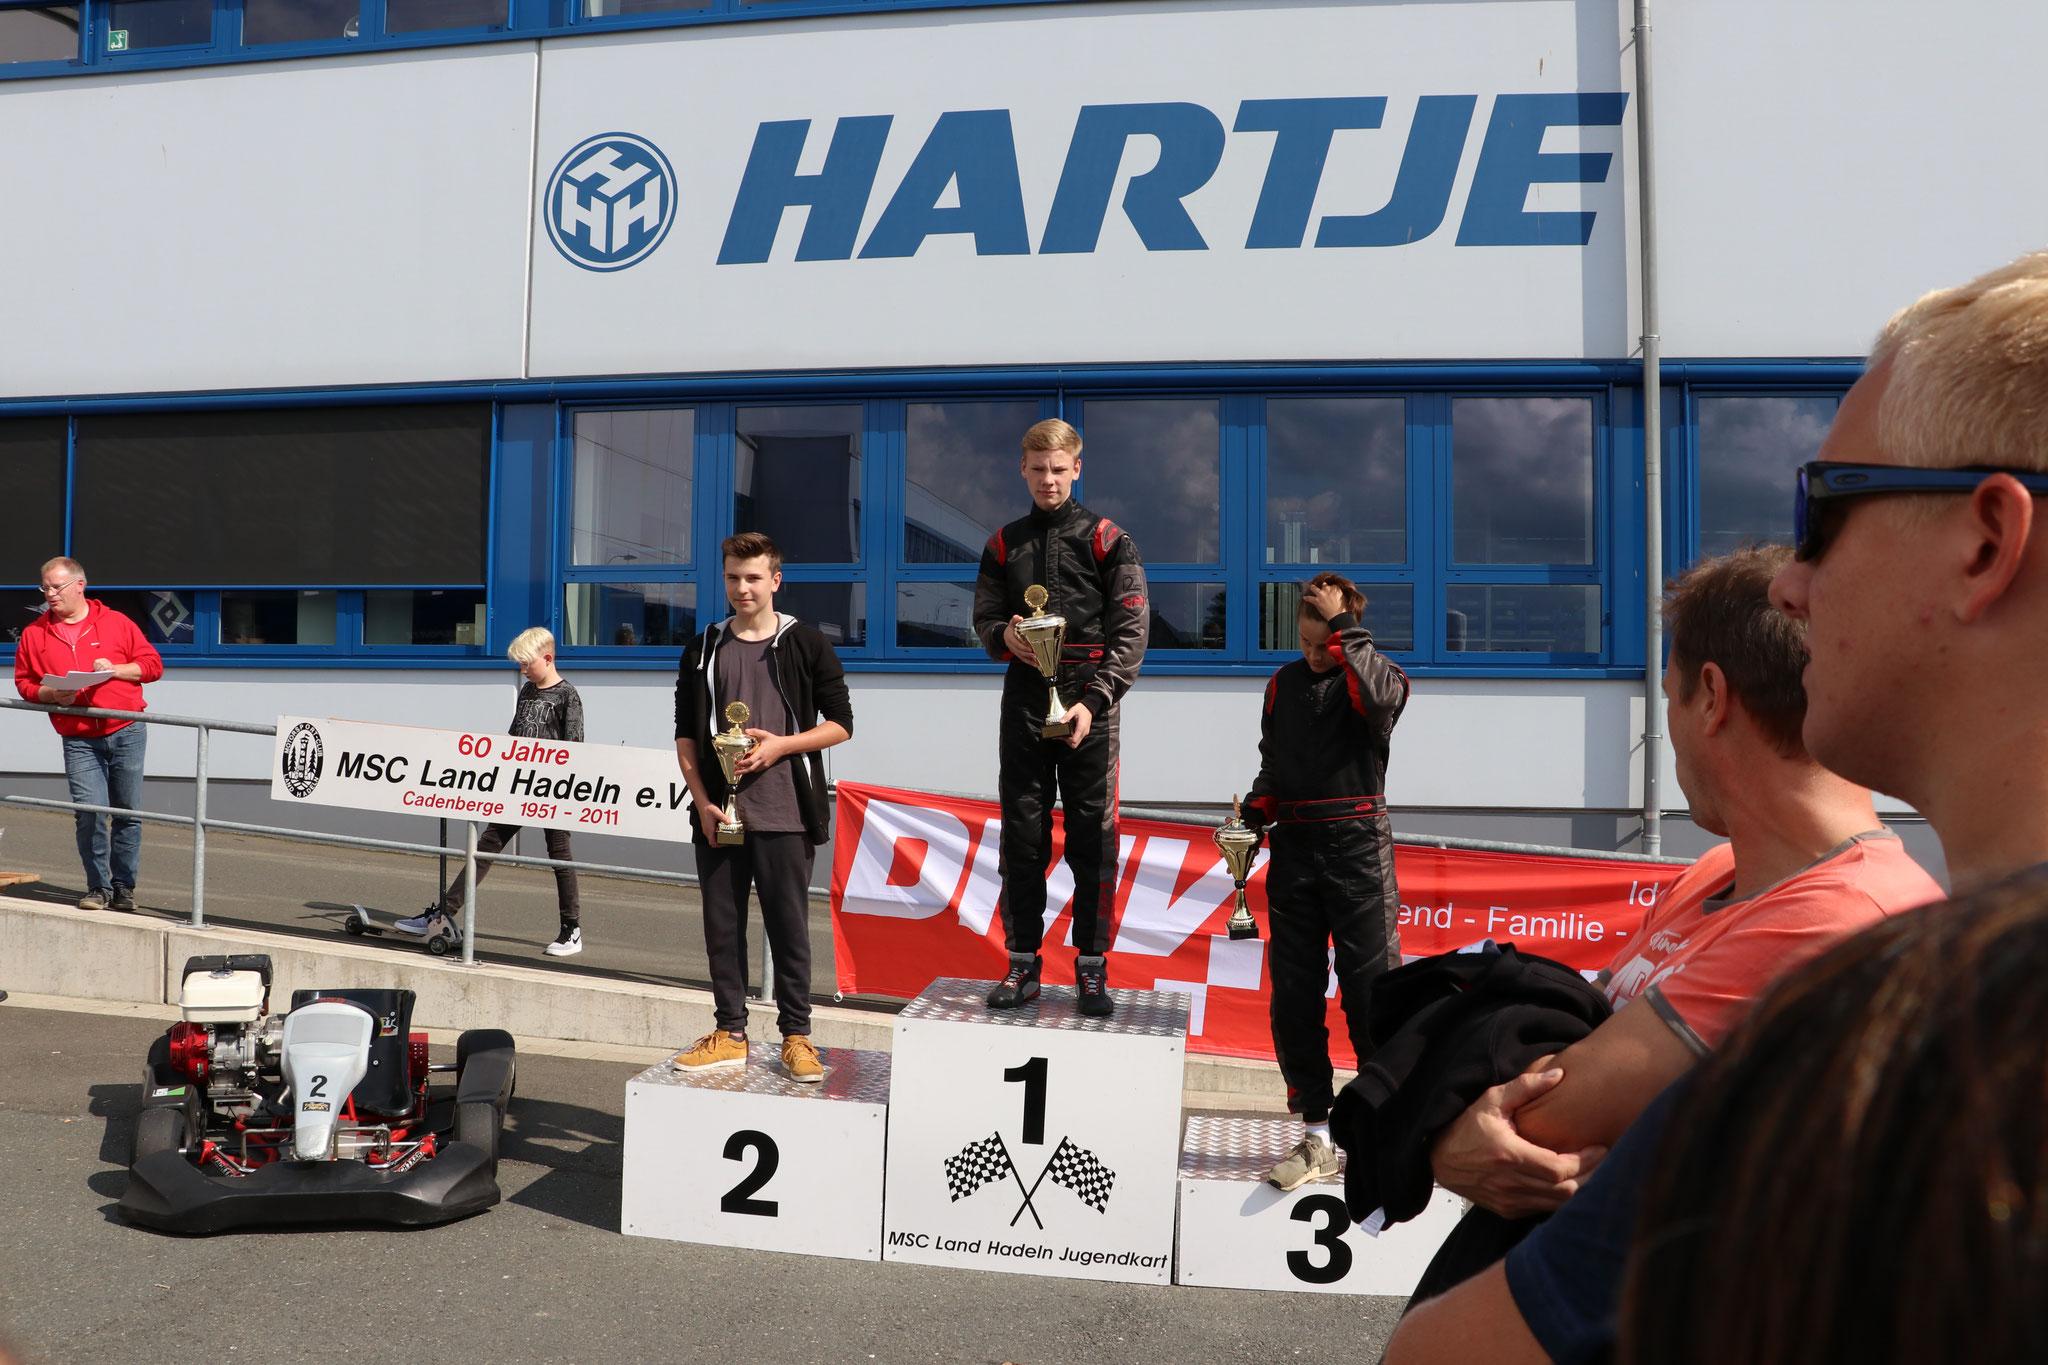 Siegerehrung der Klasse 1 mit Joel Selenski auf Platz 3 und Michel Boje auf Platz 1